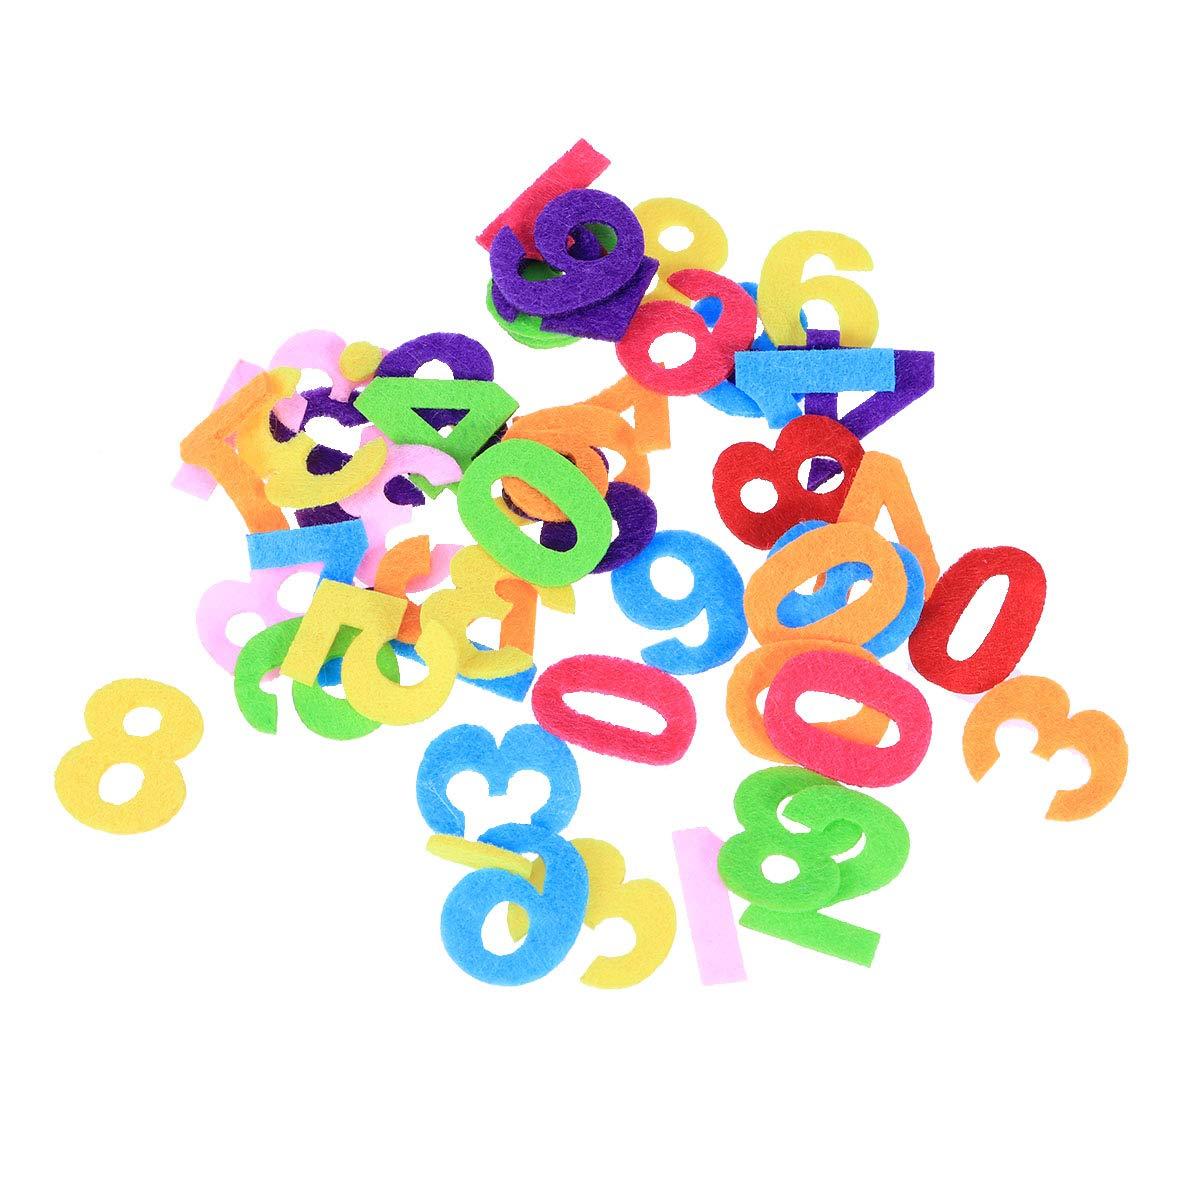 Filz Bastel-Buchstaben und Zahlen 200 Teile bunt gemischt